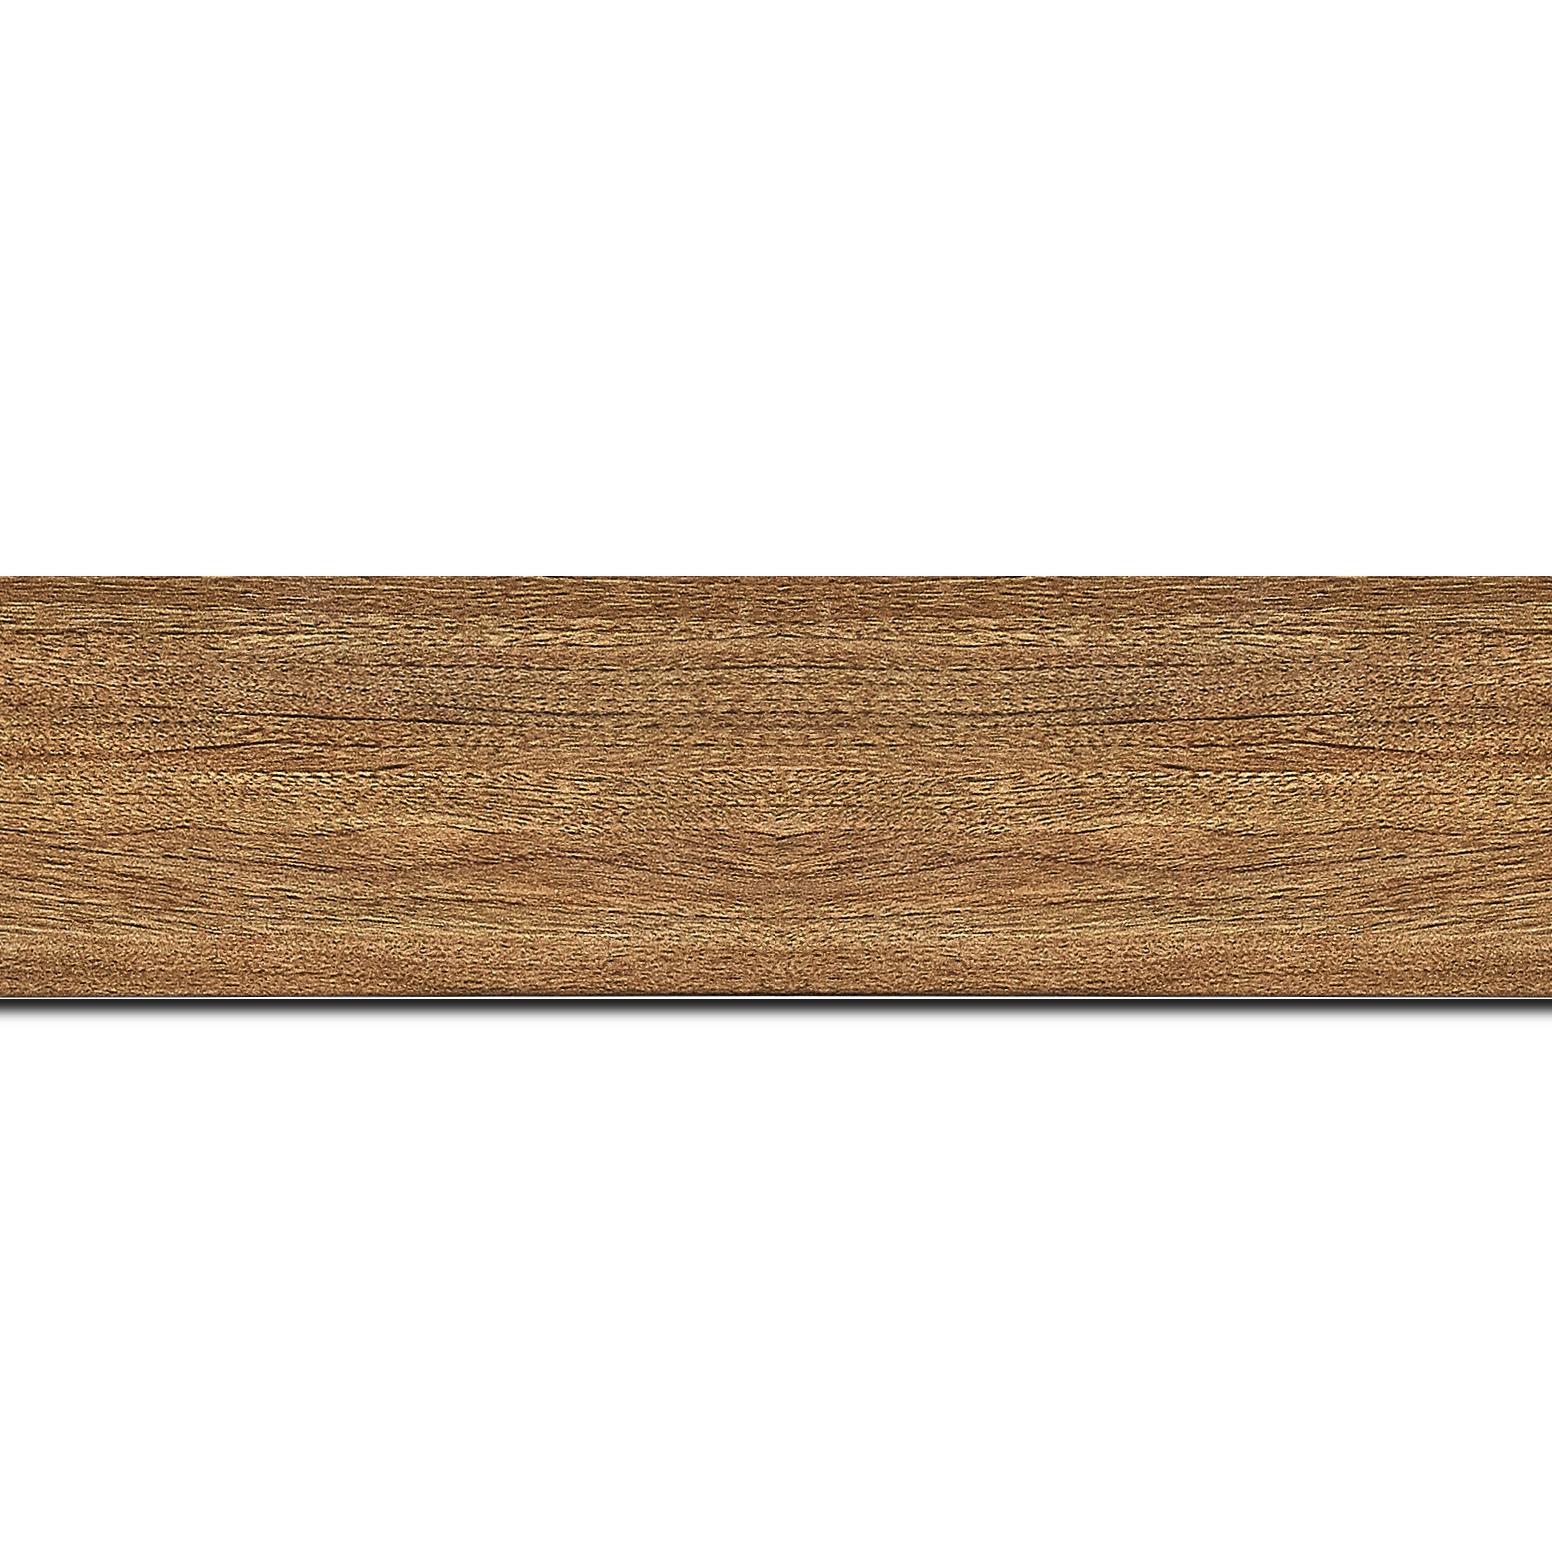 Baguette longueur 1.40m bois profil plat largeur 4.2cm décor bois chêne doré